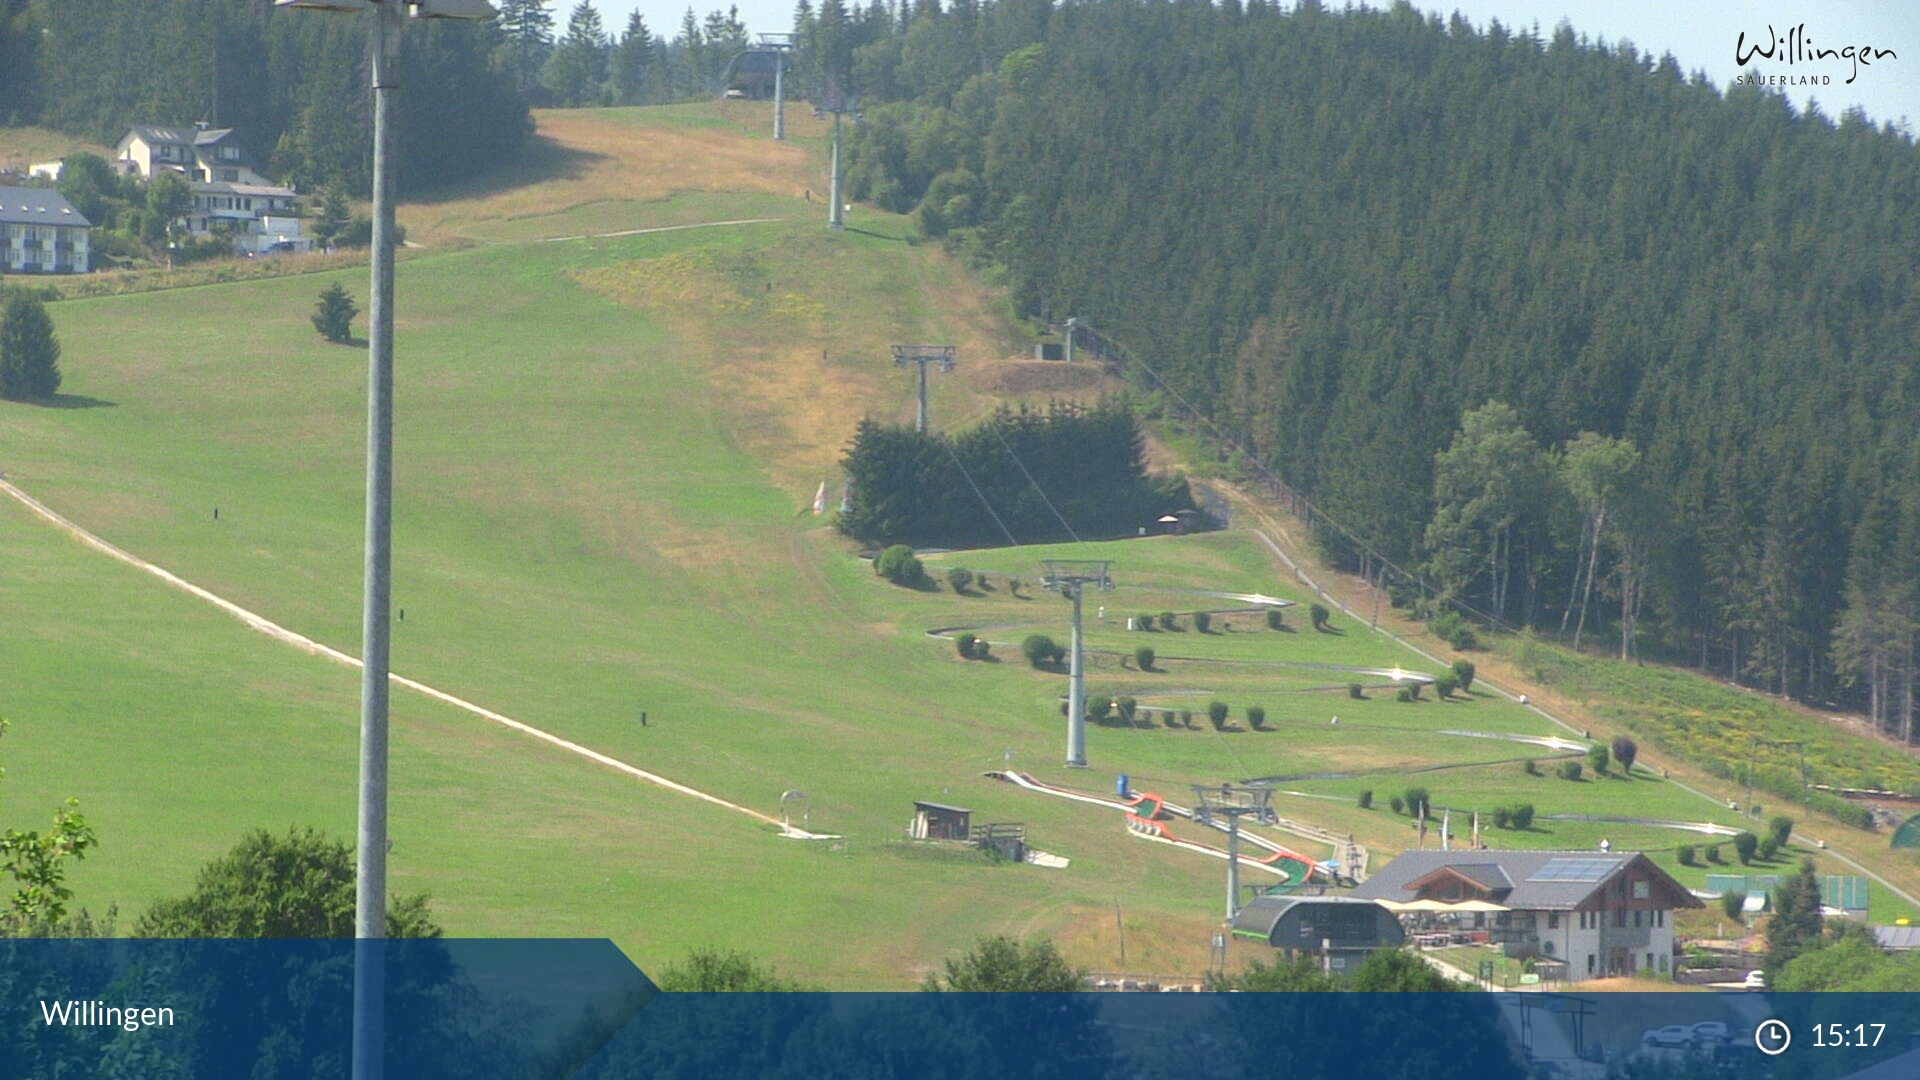 Skigebied Willingen - Webcam 5